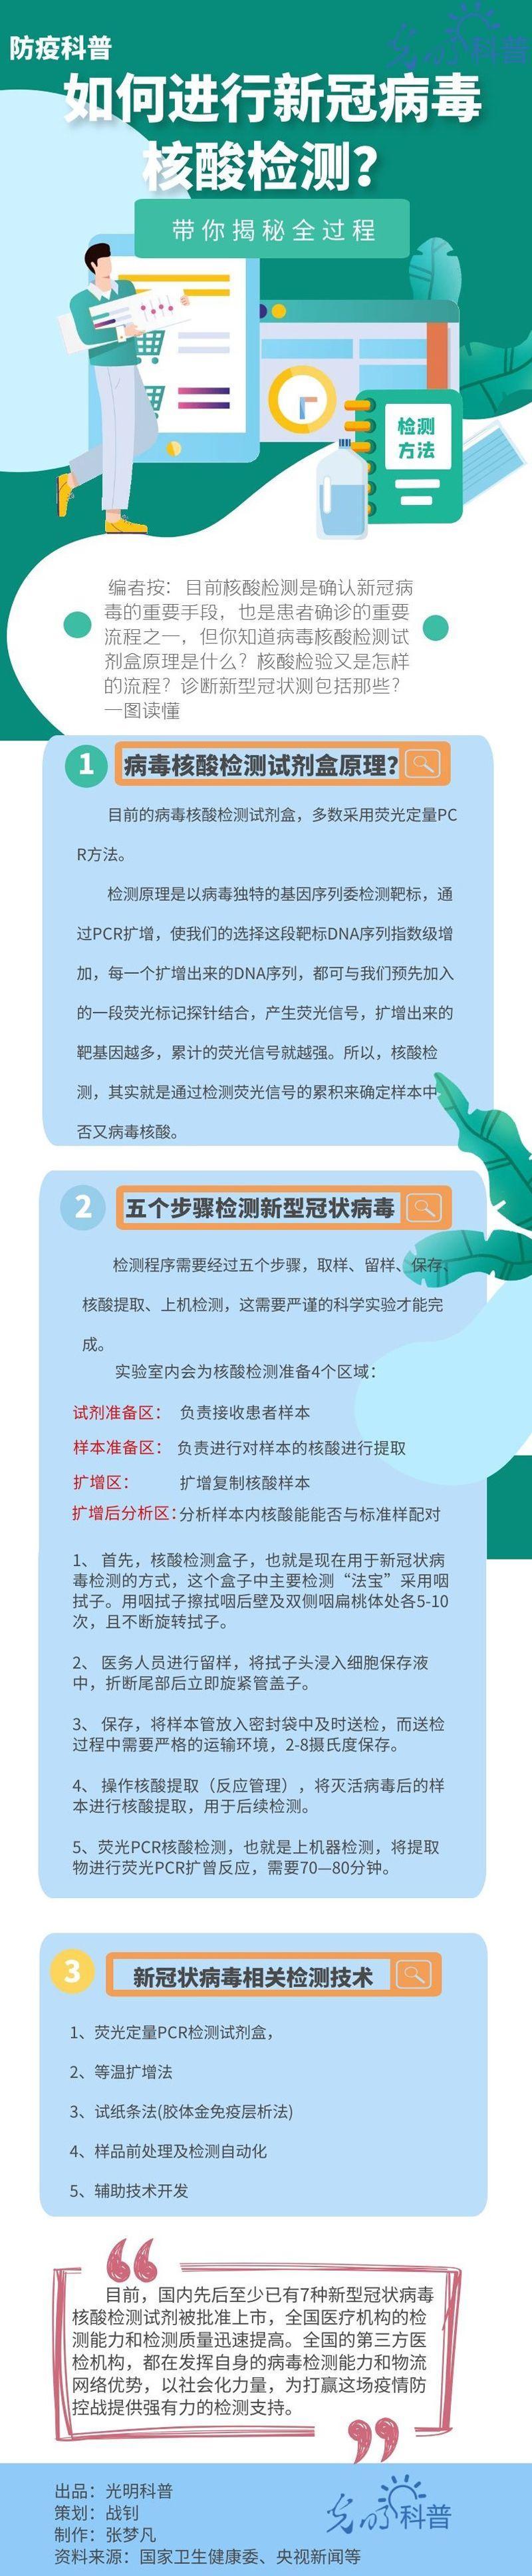 如何进行新冠病毒核酸检测?带你揭秘全过广州助孕程